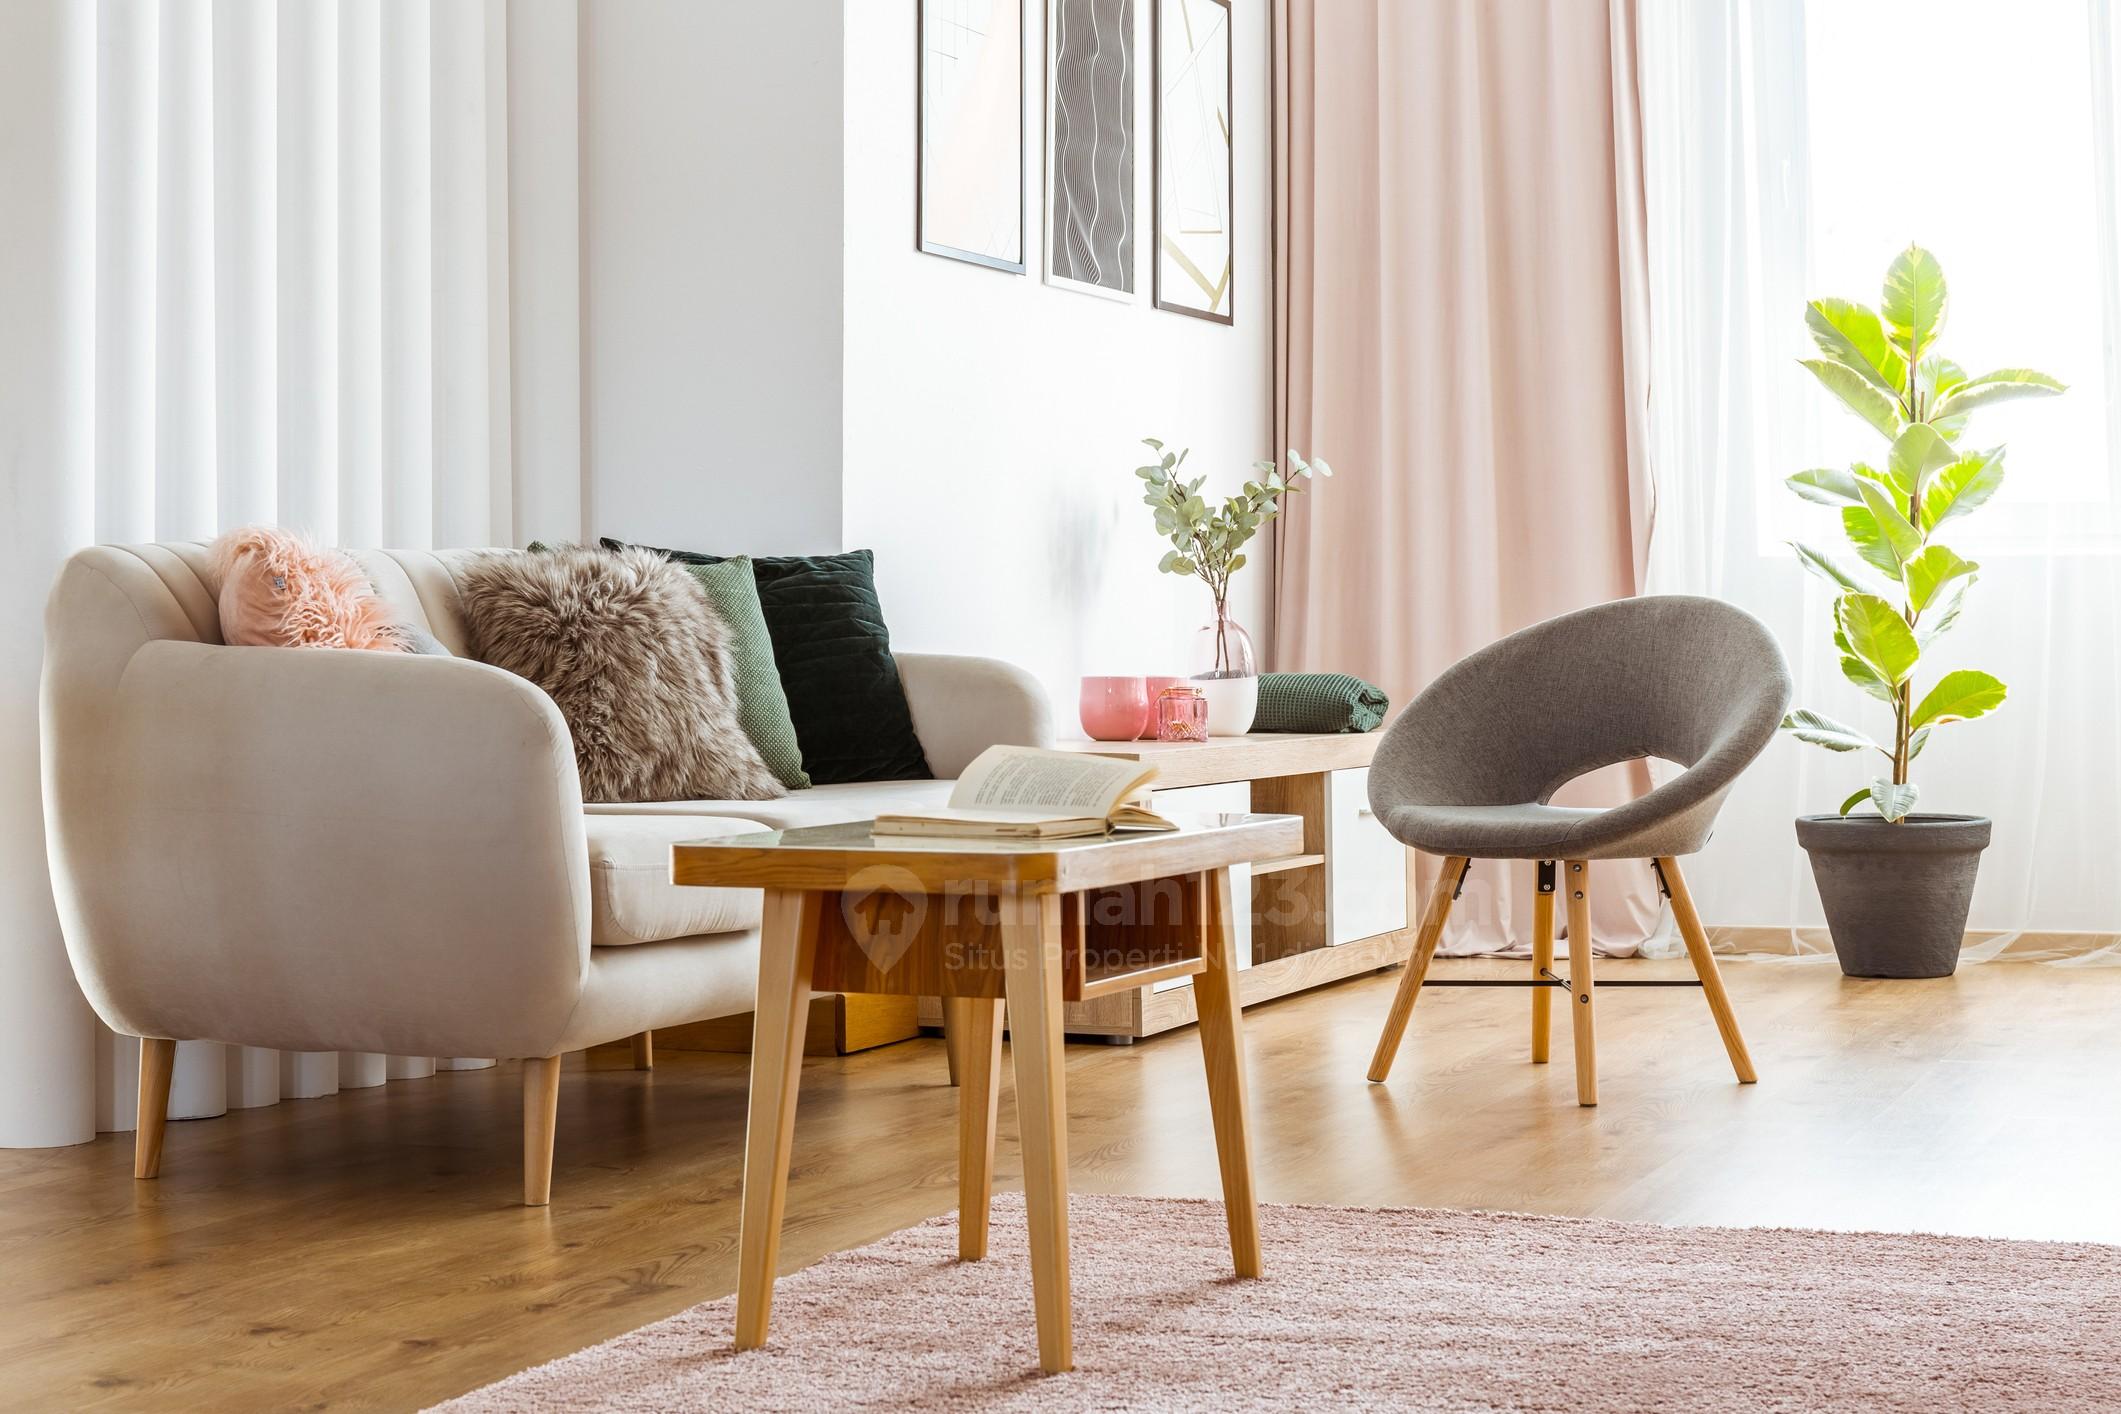 Sofa Seperti Apa Sih Yang Cocok Untuk Ruang Tamu Kecil Rumah123 Com Sofa ruang tamu kecil